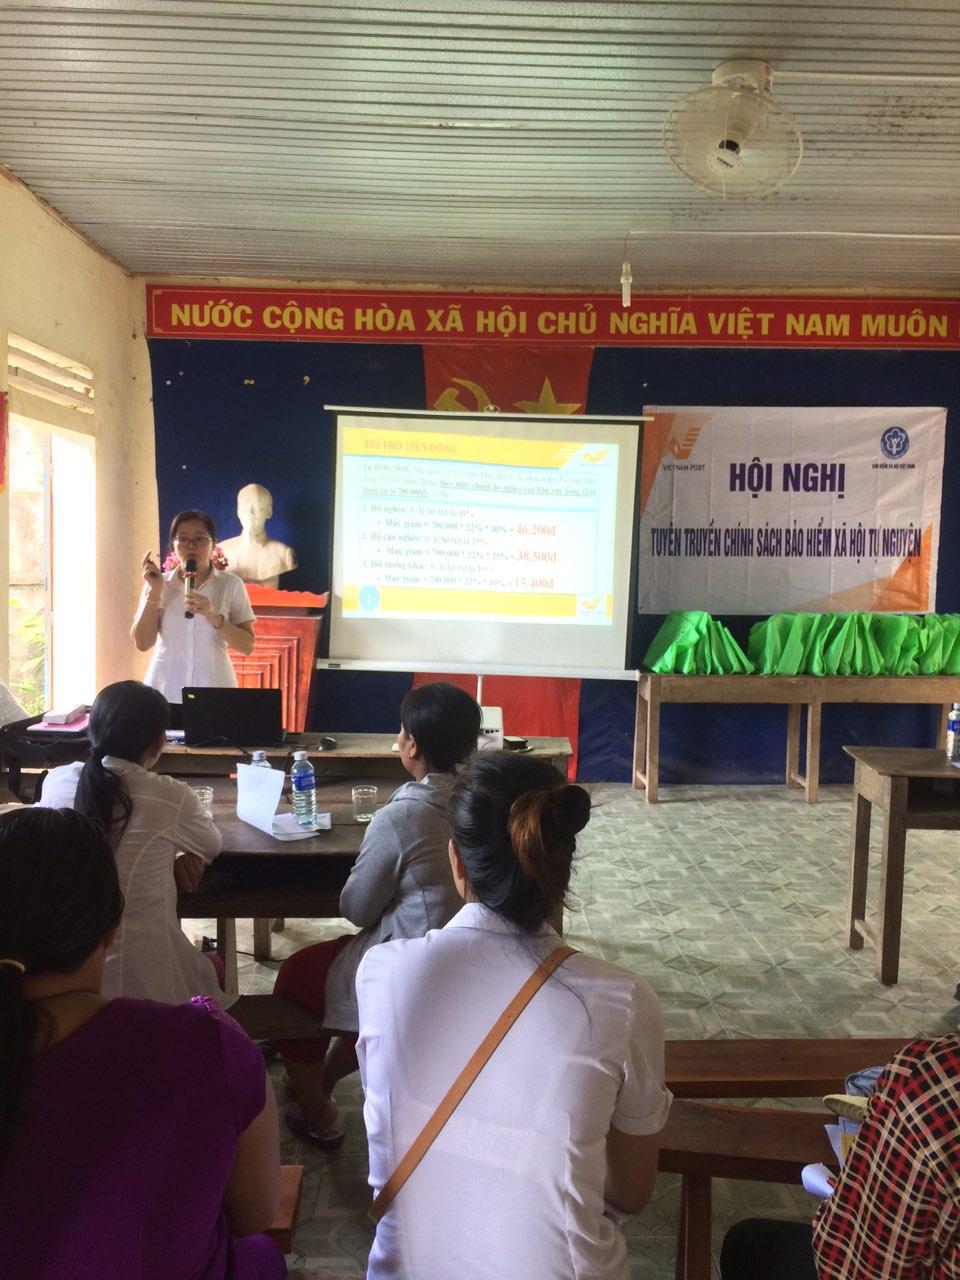 Nhân dân xã Quảng Thọ chăm chú lắng nghe tuyên truyền chính sách an sinh xã hội của Nhà nước